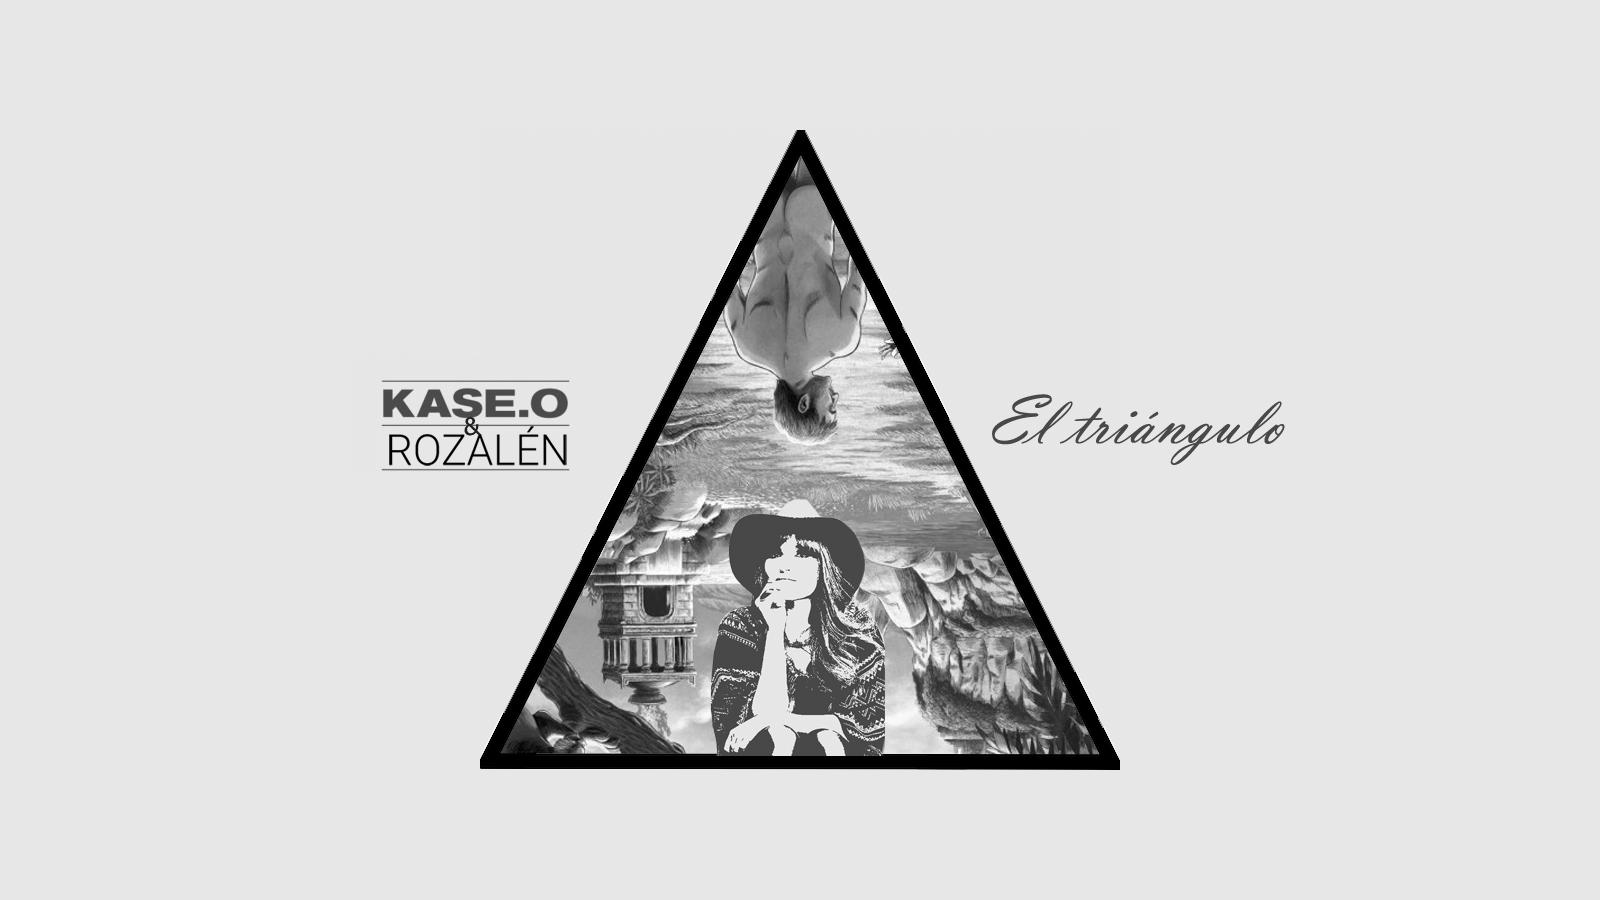 kase-o-rozalen-el-triangulo-cmon-murcia